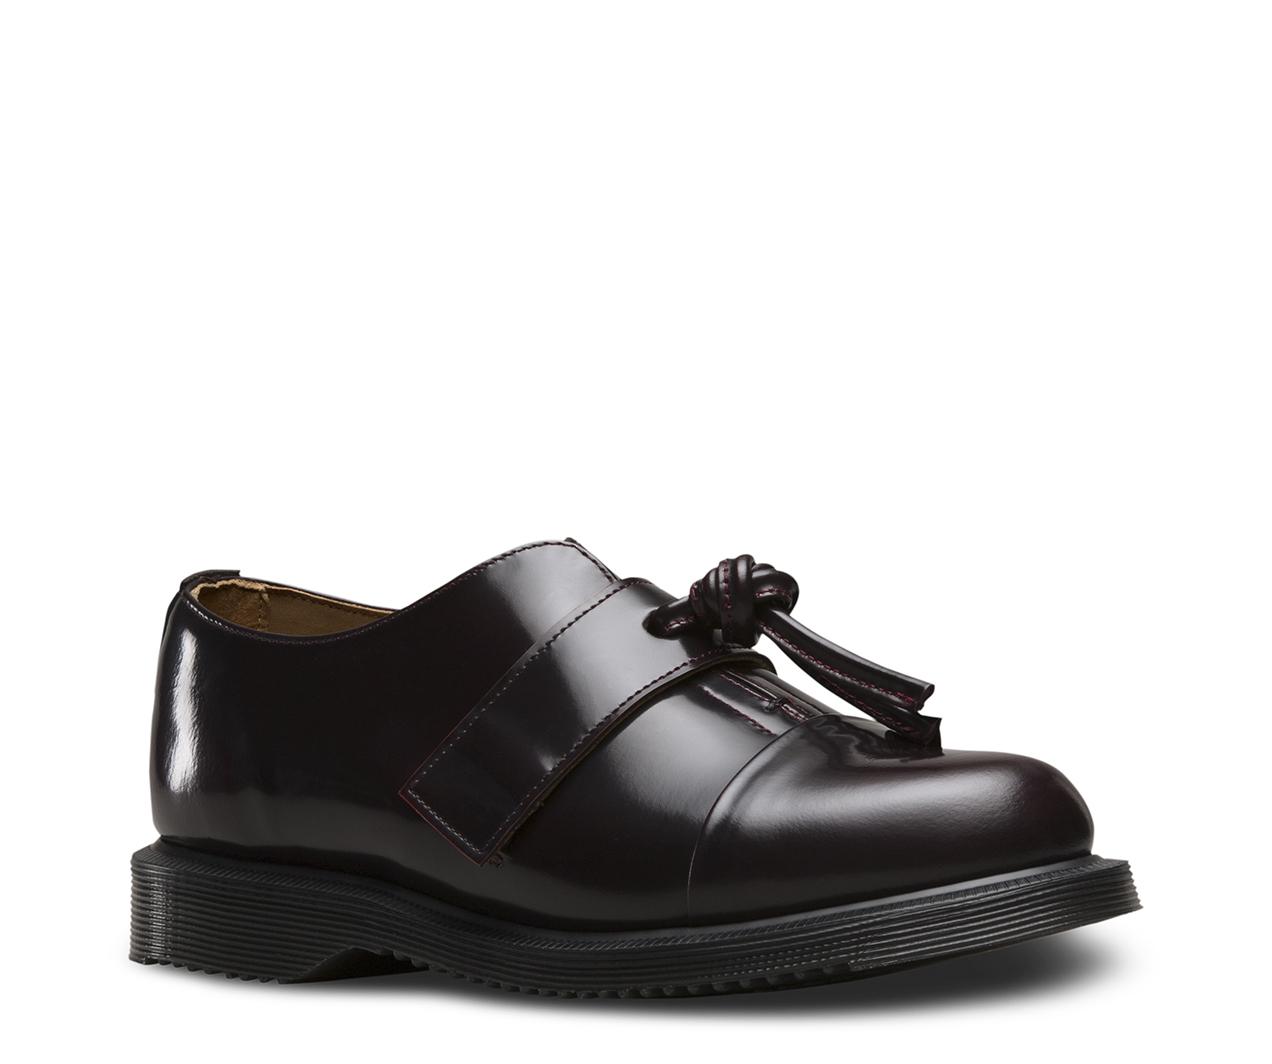 Chaussures à élastique Dr. Martens noires Casual unisexe PuZQEVNo